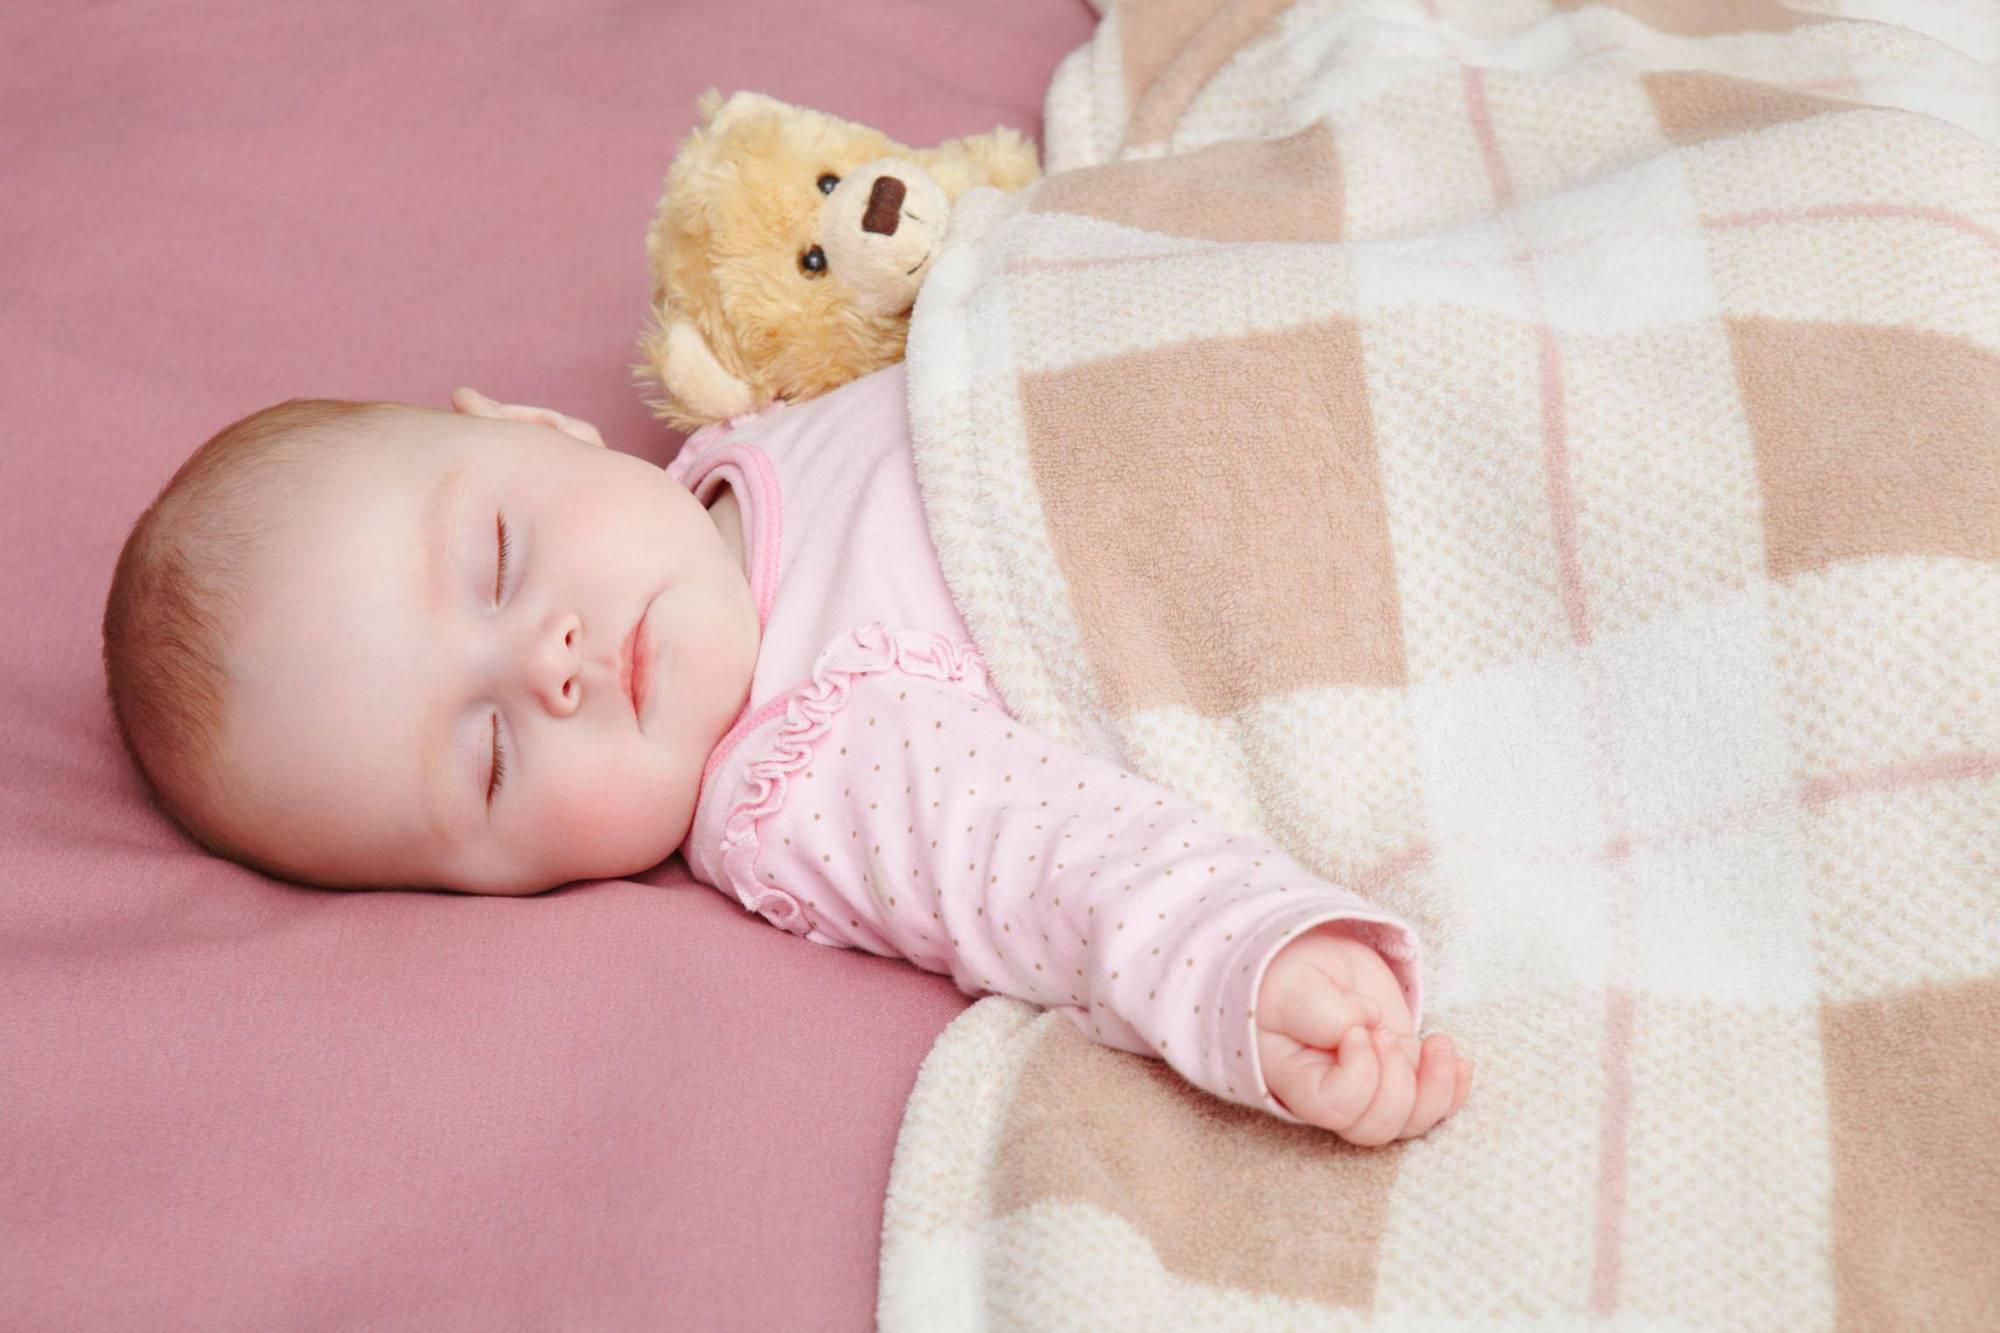 睡前讲故事好处多,家长注意三个小细节,对宝宝脑发育更好  第4张